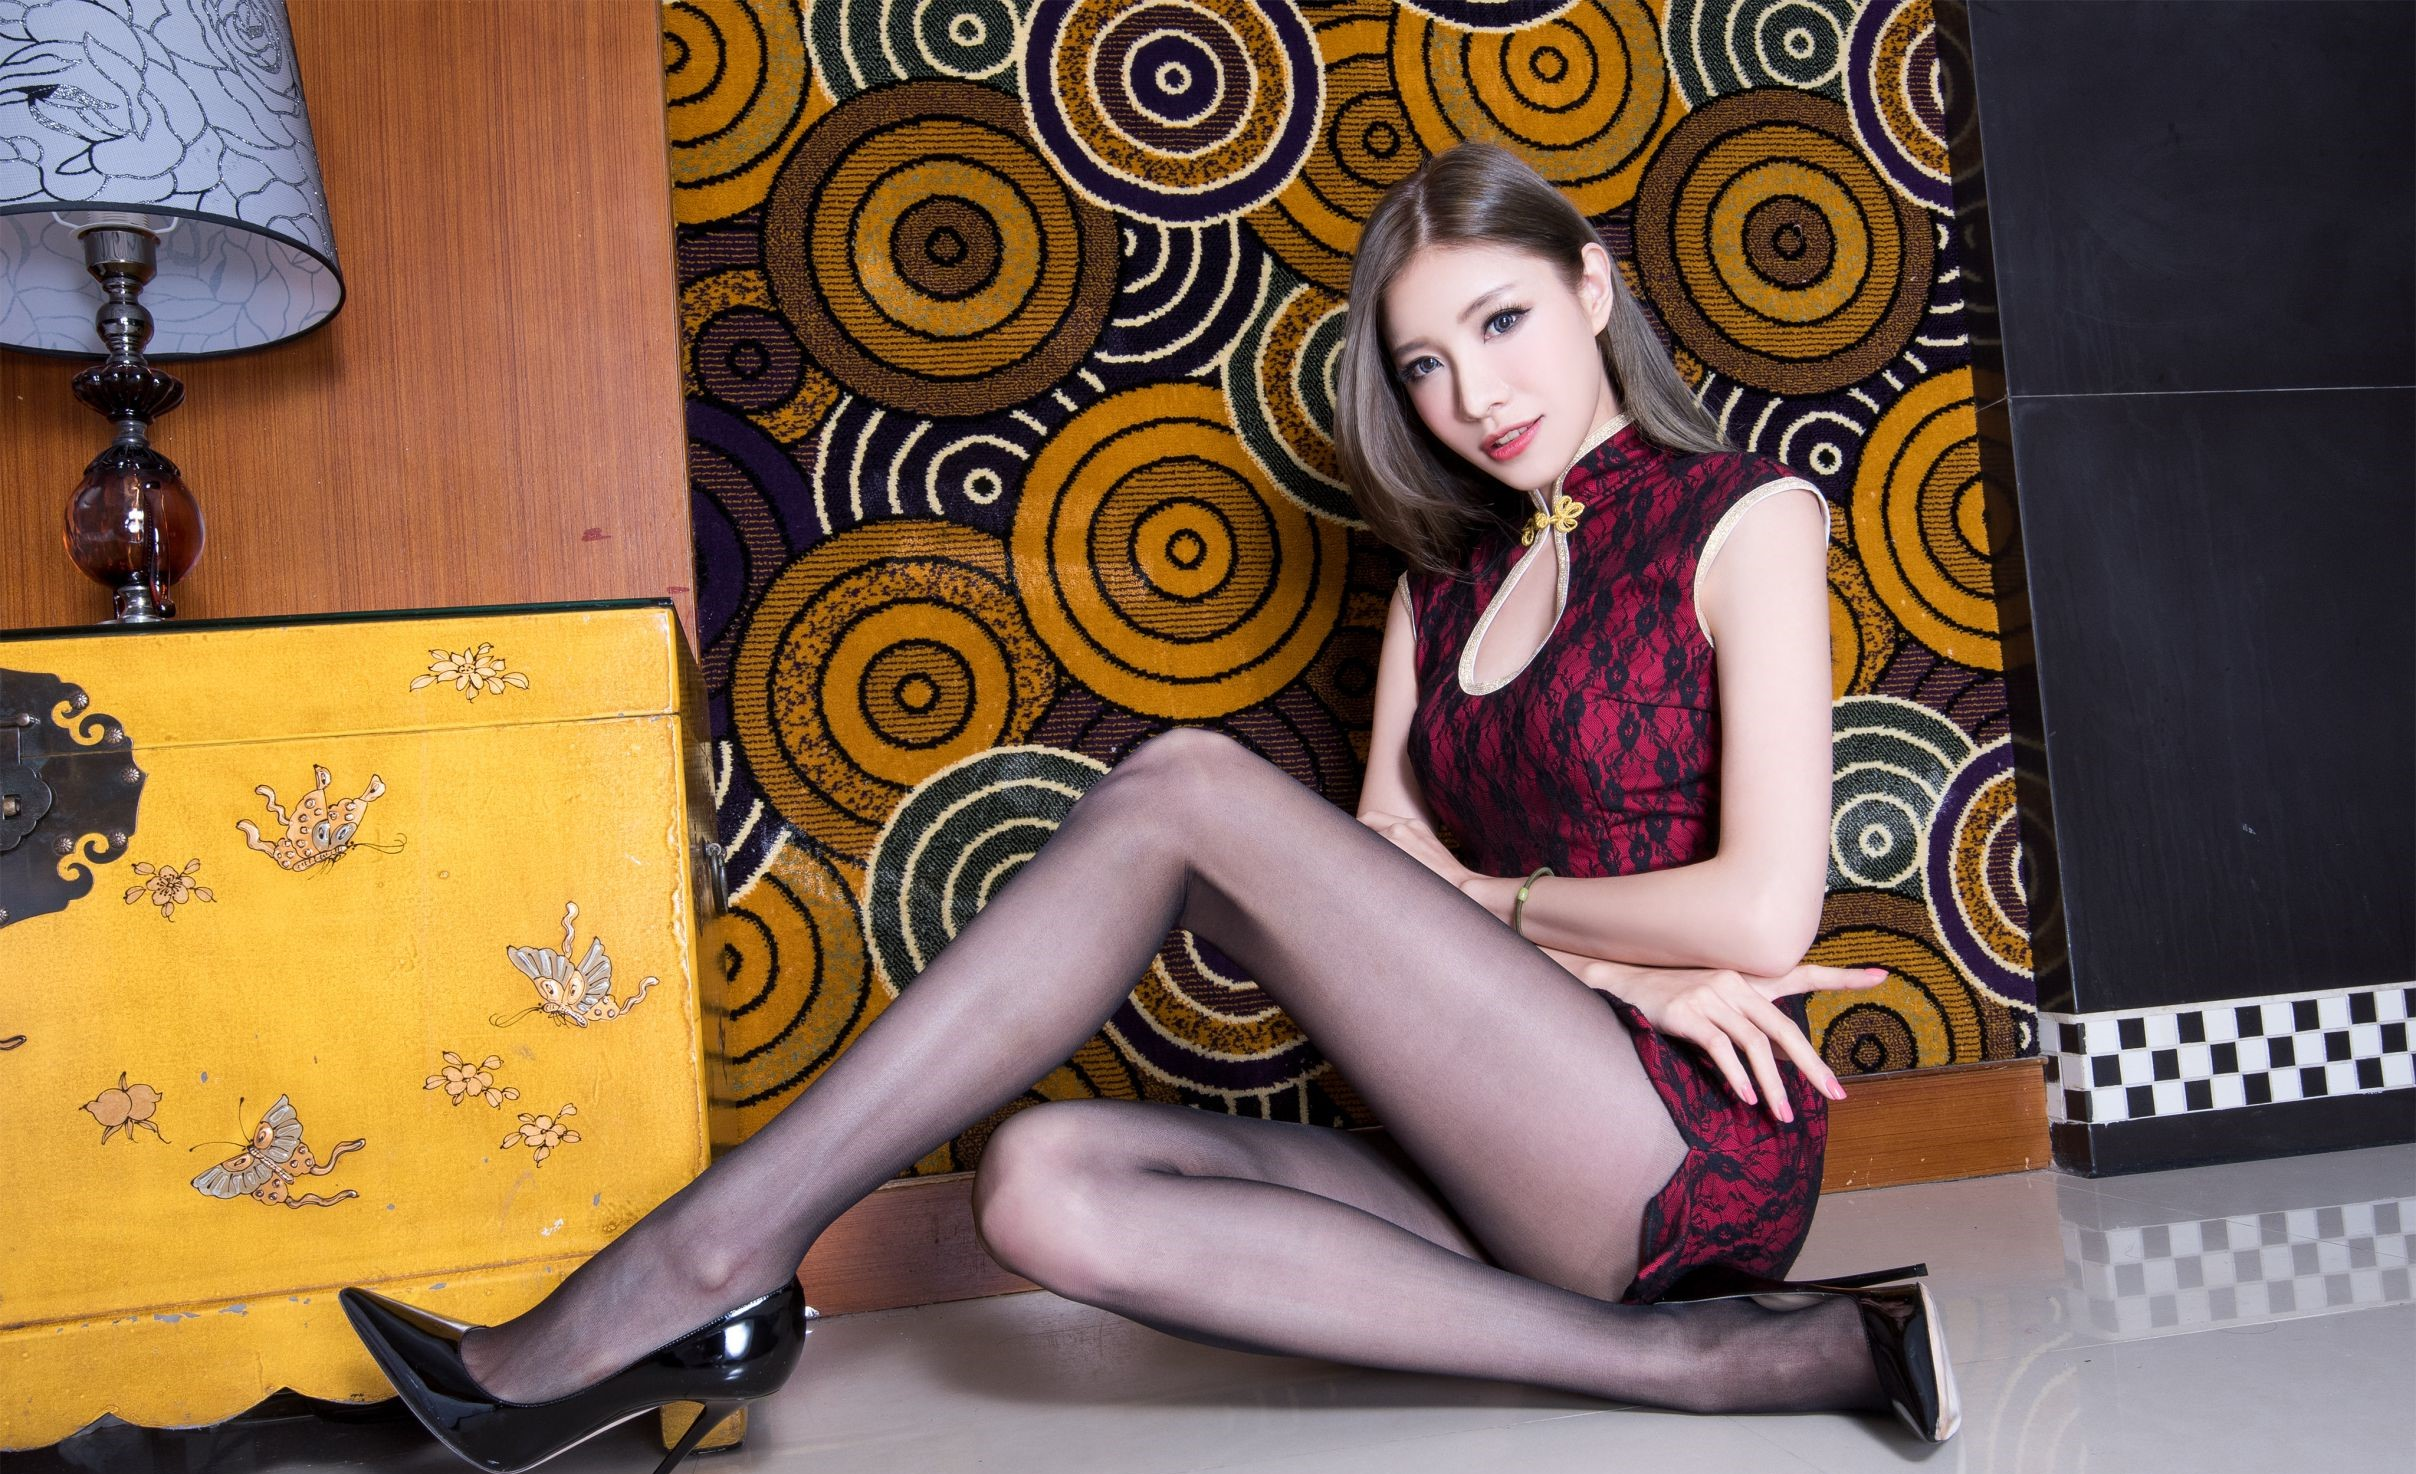 パンスト脚を見せつけるチャイナ美女 18